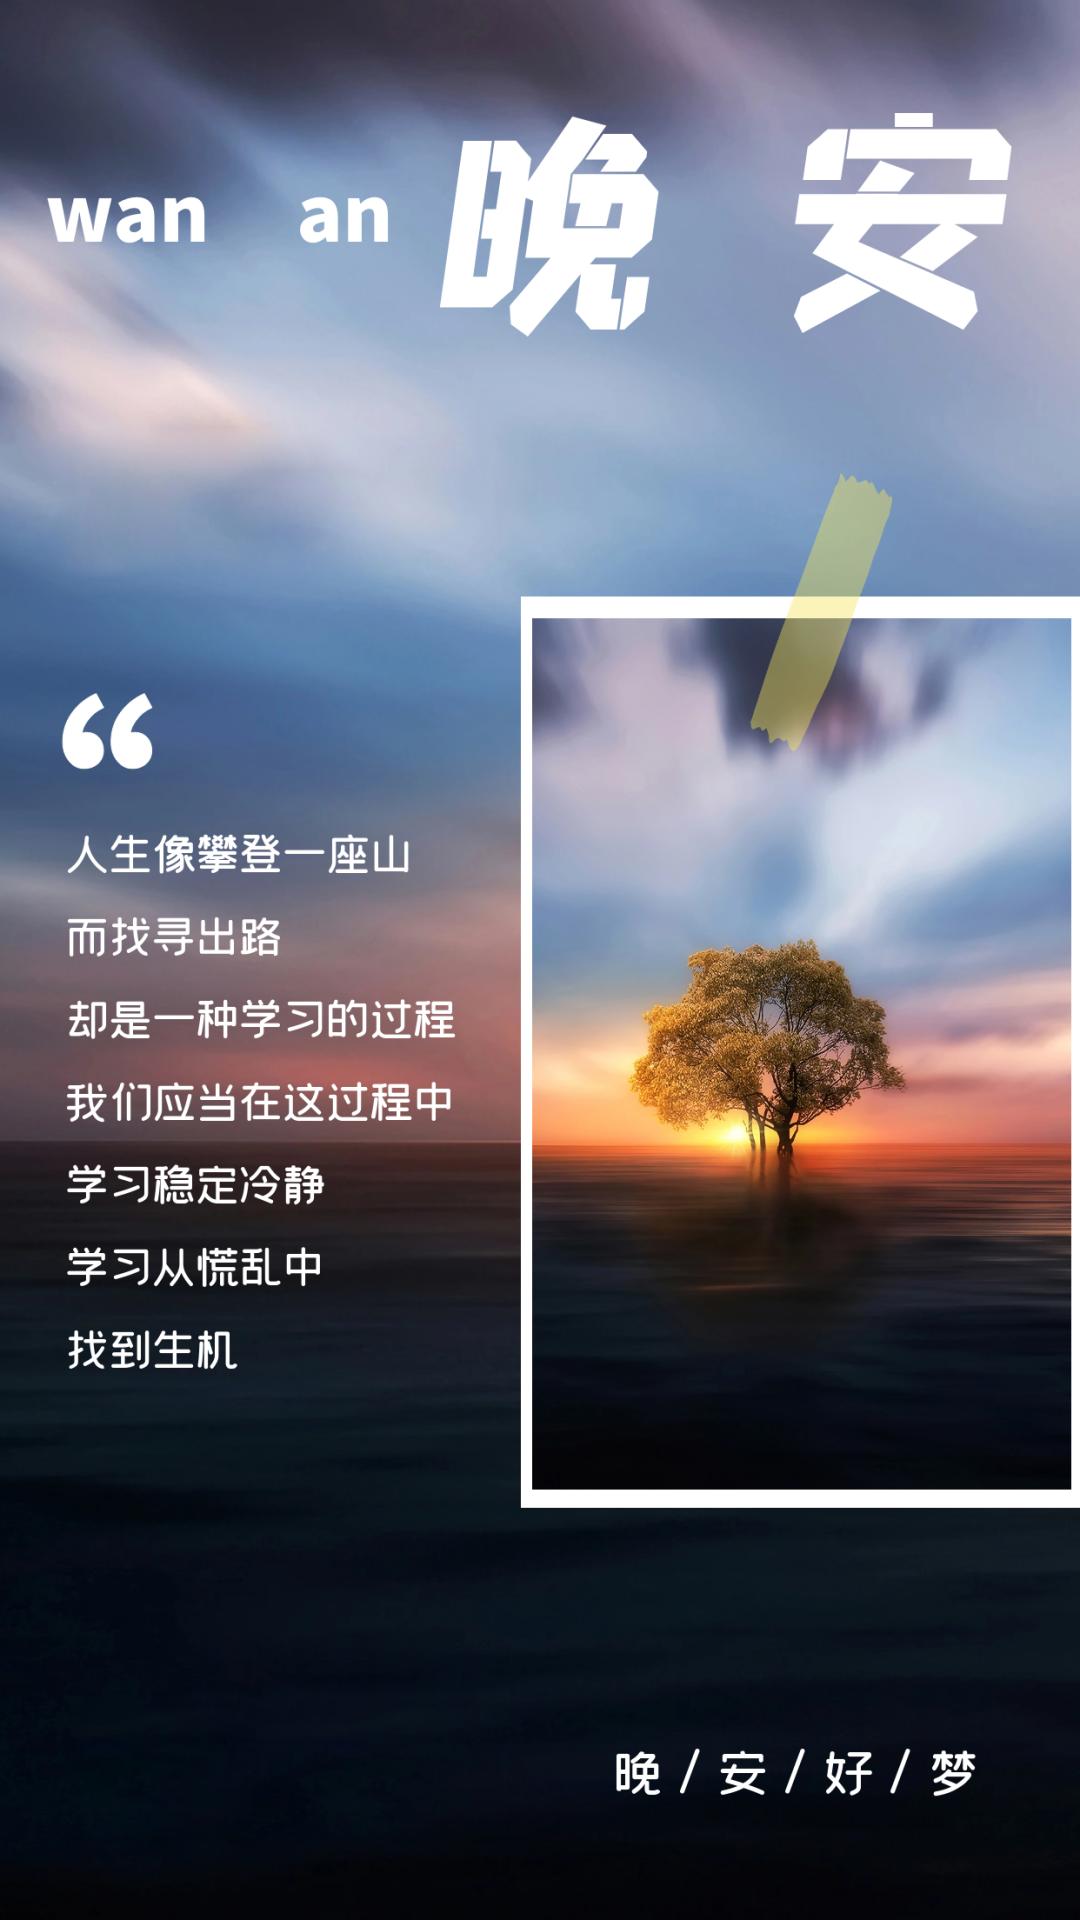 情感精辟文案句子,希望你在人间走一趟,可以满载而归